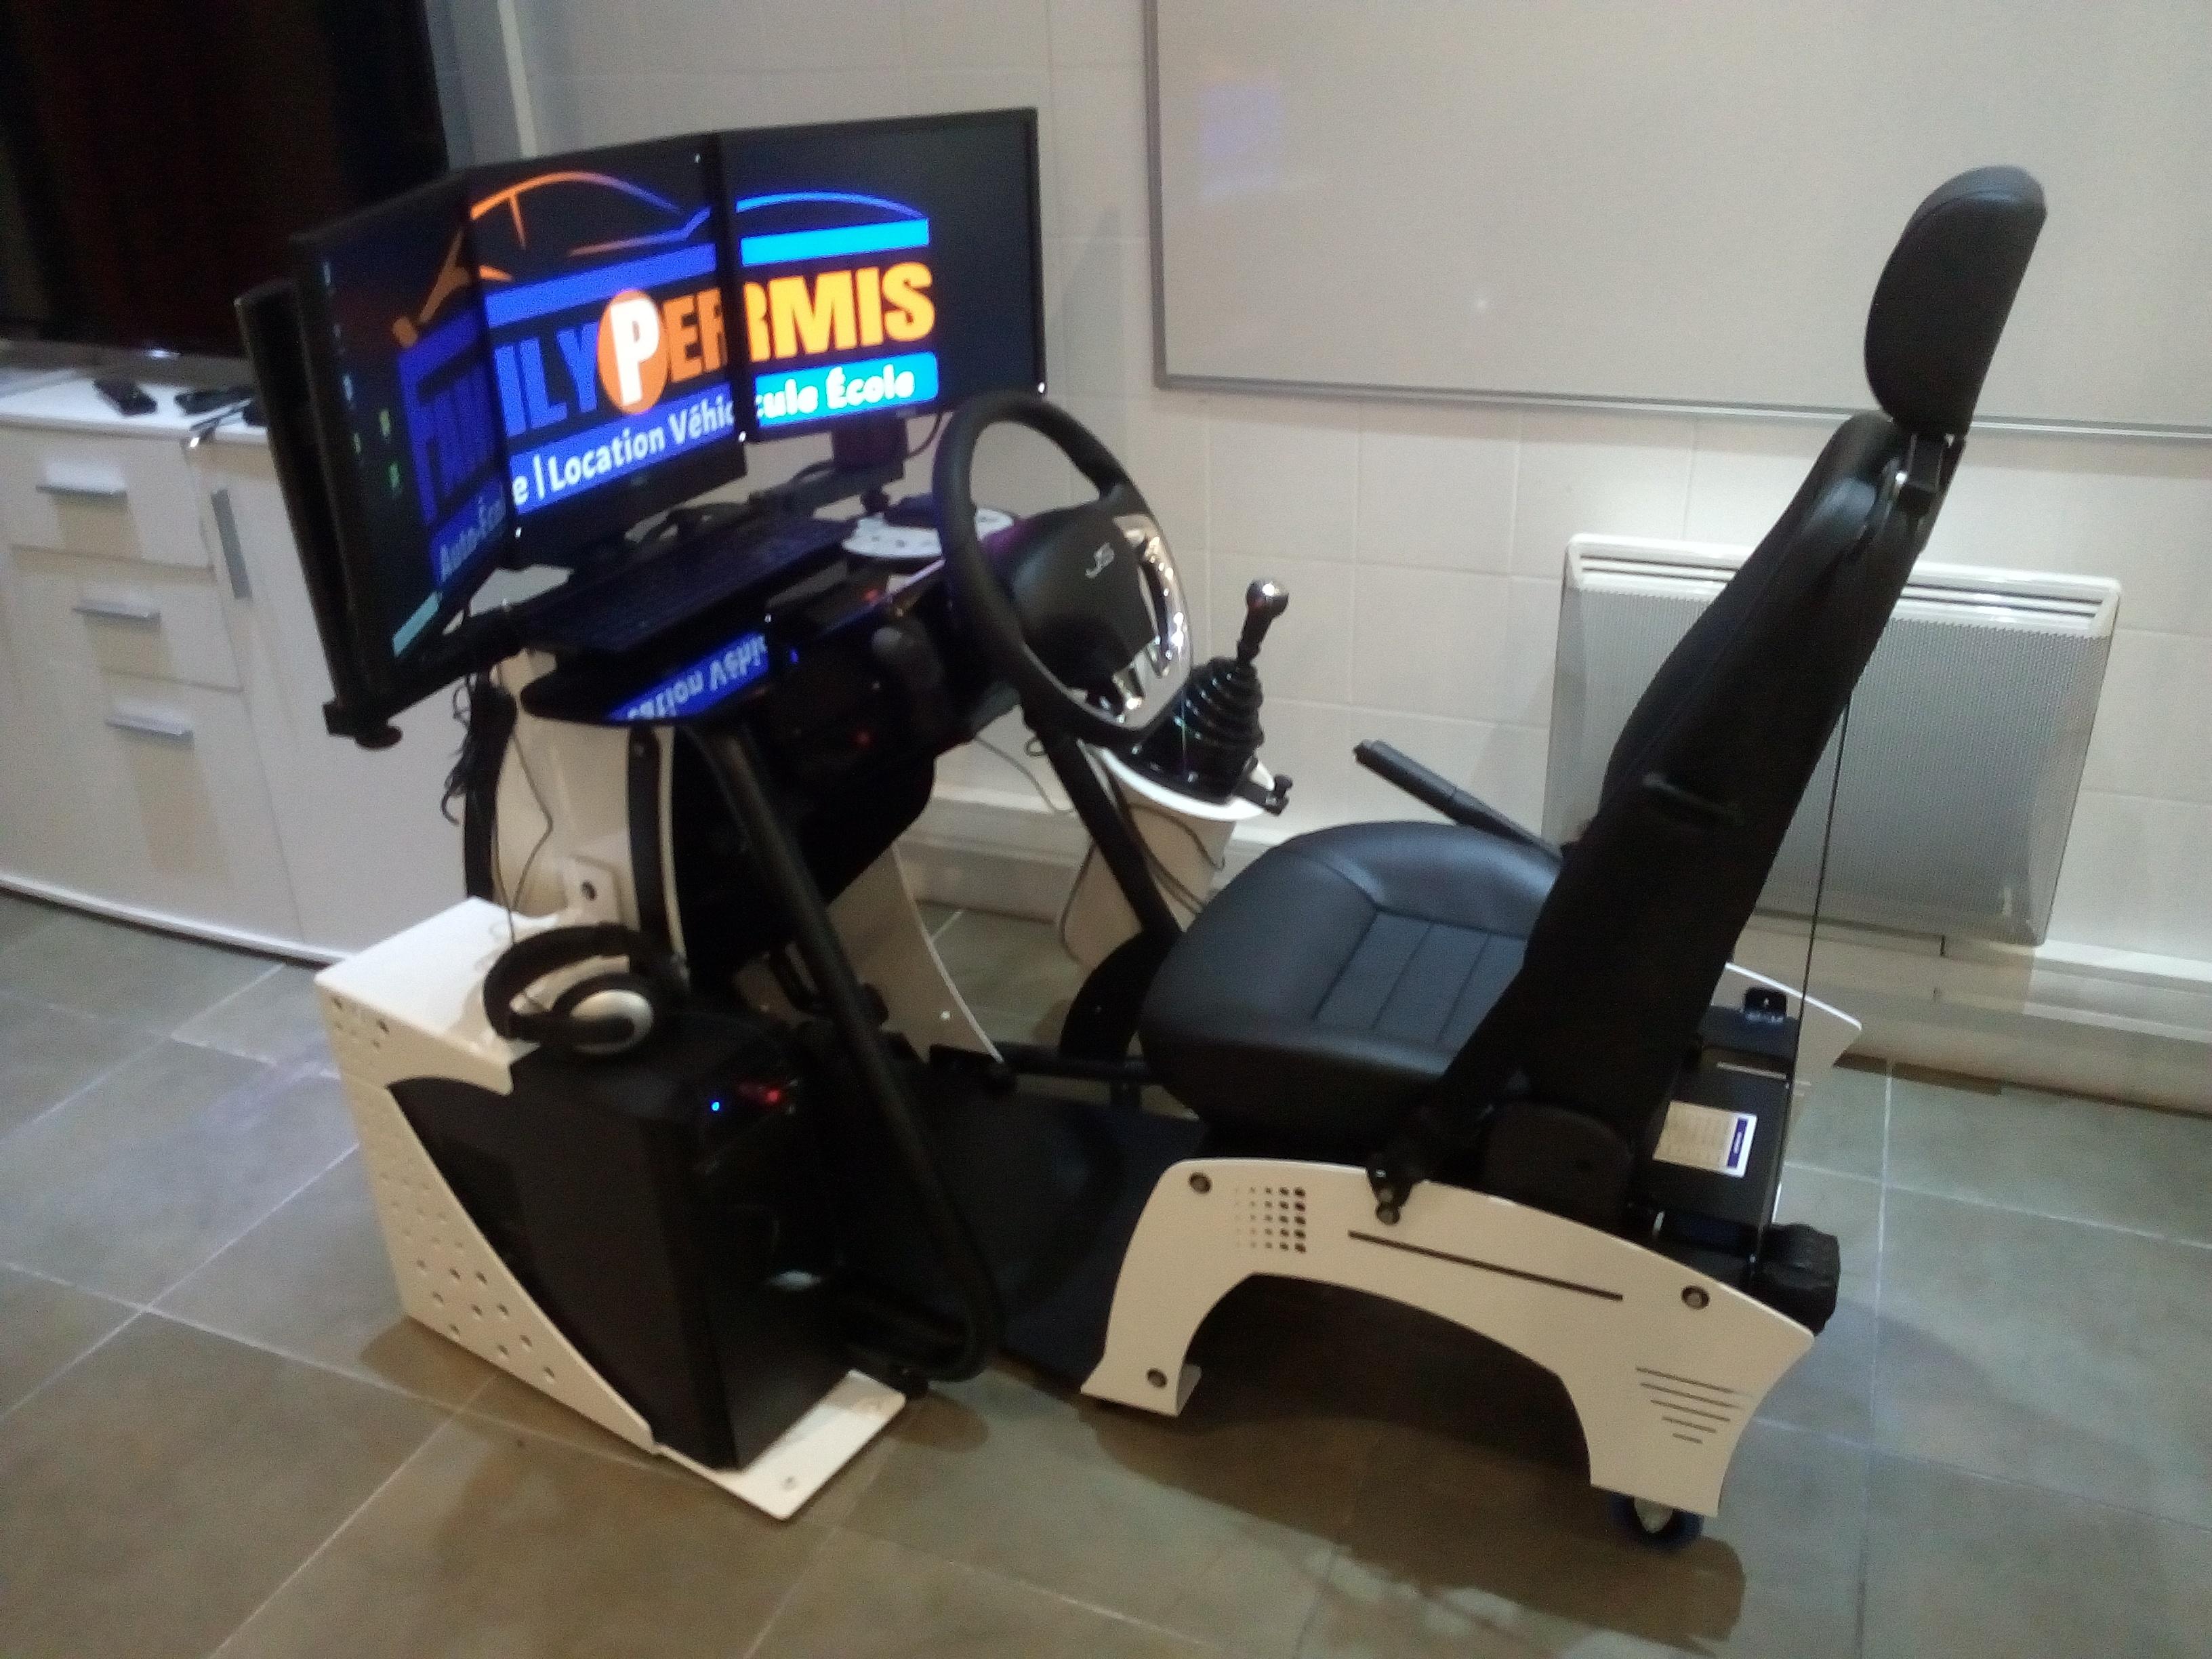 Location véhicule double commande FAMILY PERMIS AIX-EN-PROVENCE (13100)